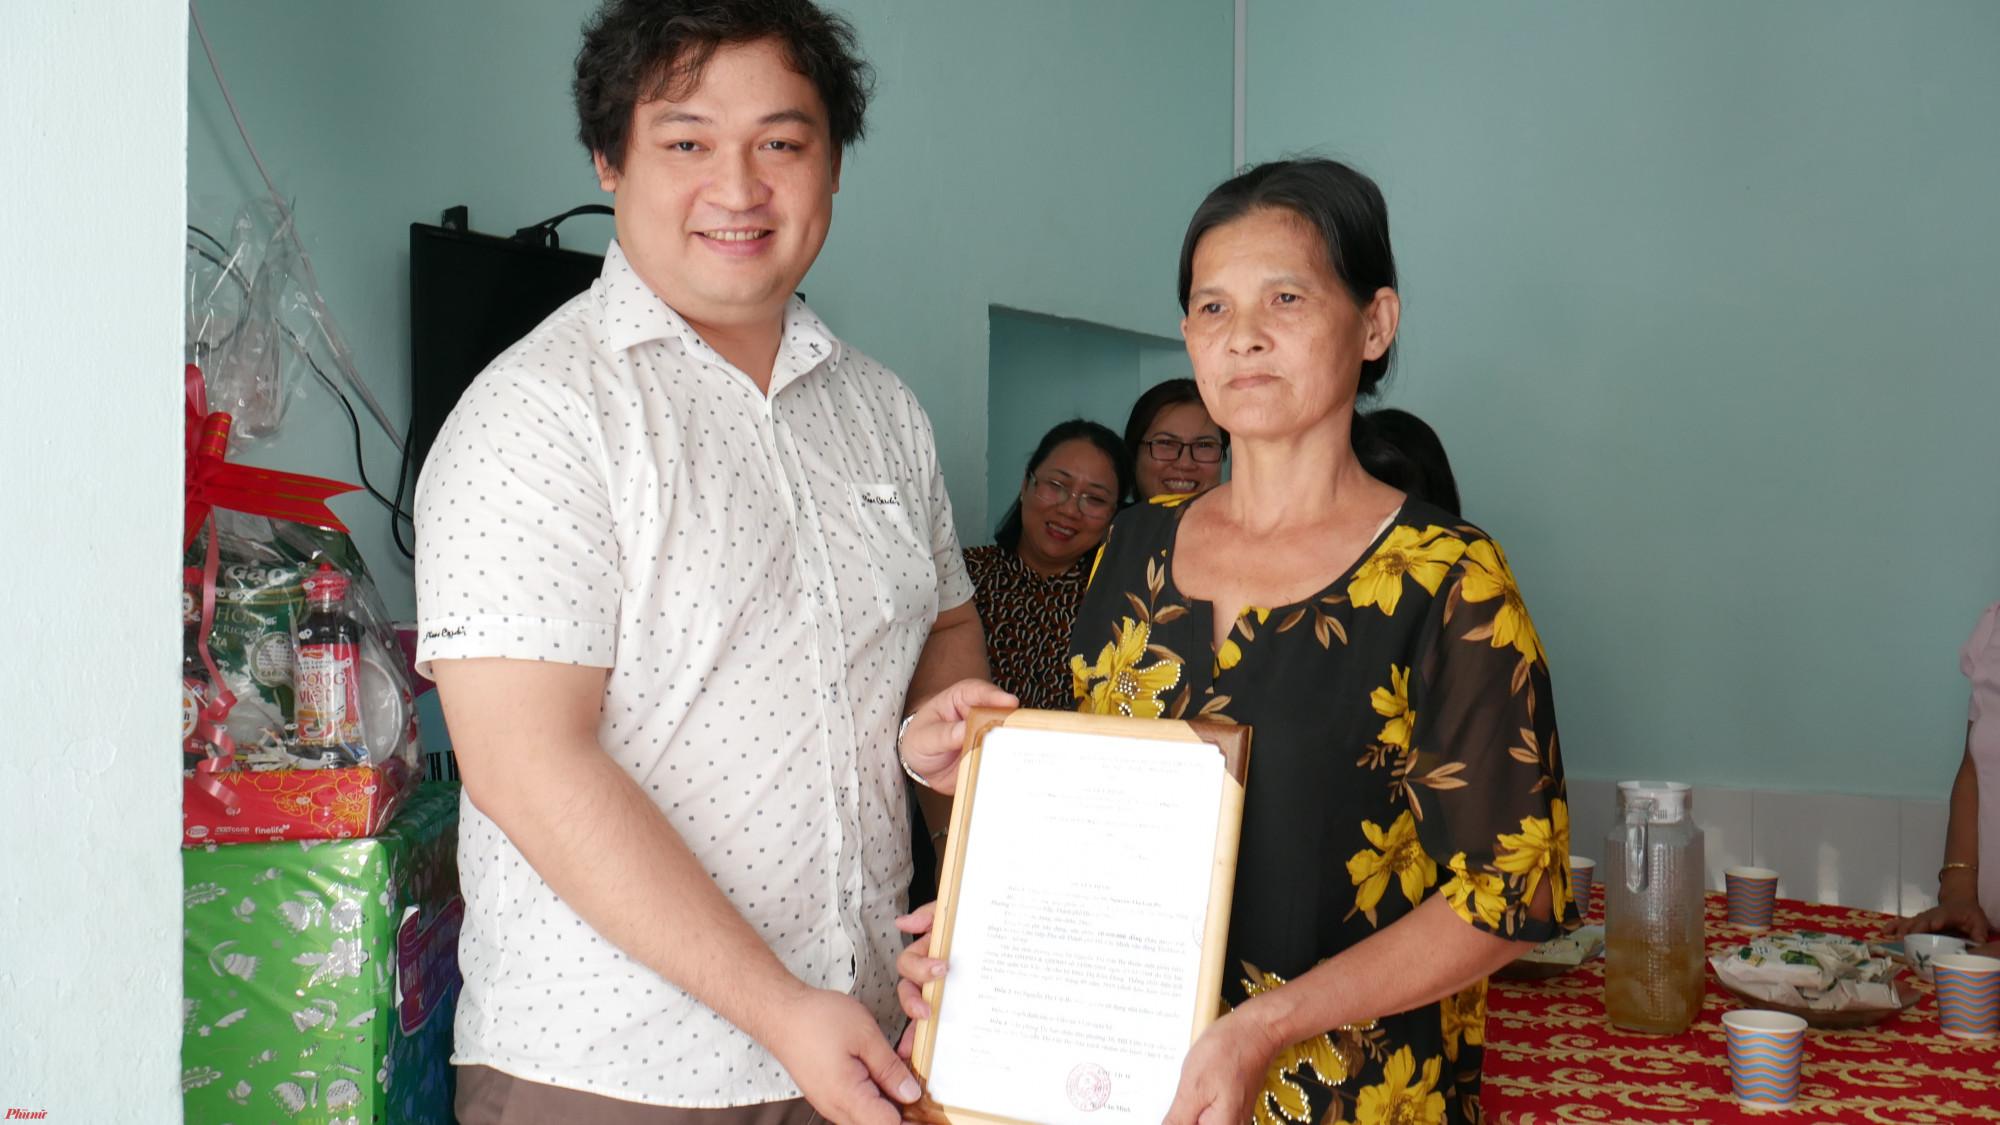 Ông Phan Tấn Đạt - PHó Chủ tịch UBND Phường 16, quận Gò Vấp trao quyết định bàn giao Mái ấm tình thương cho gia đình chị Gái Ba.